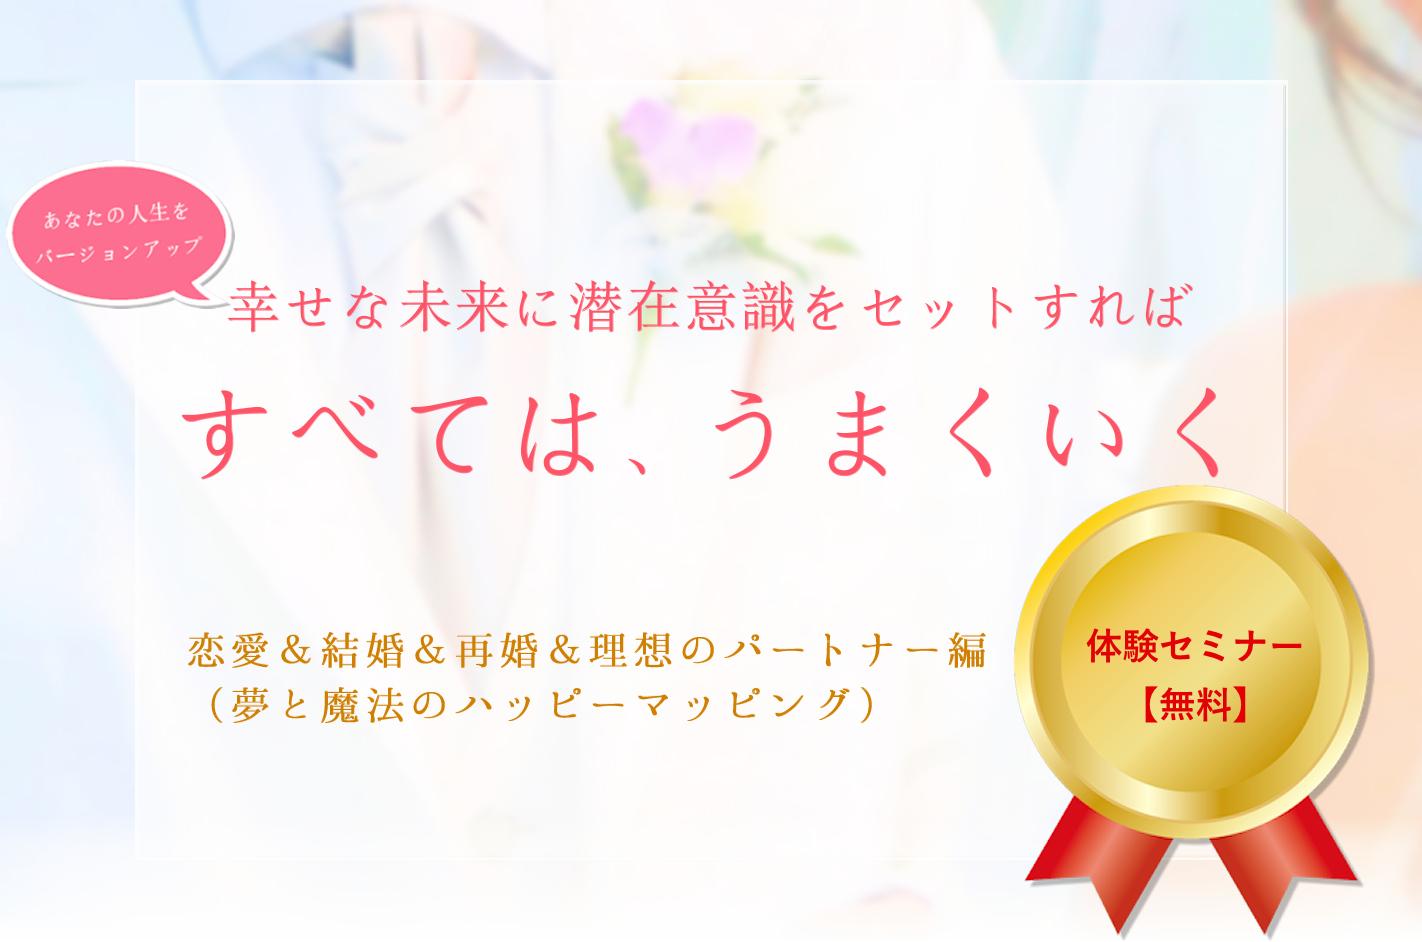 恋愛・結婚・再婚・理想のパートナー編ハッピーマッピングのバナー